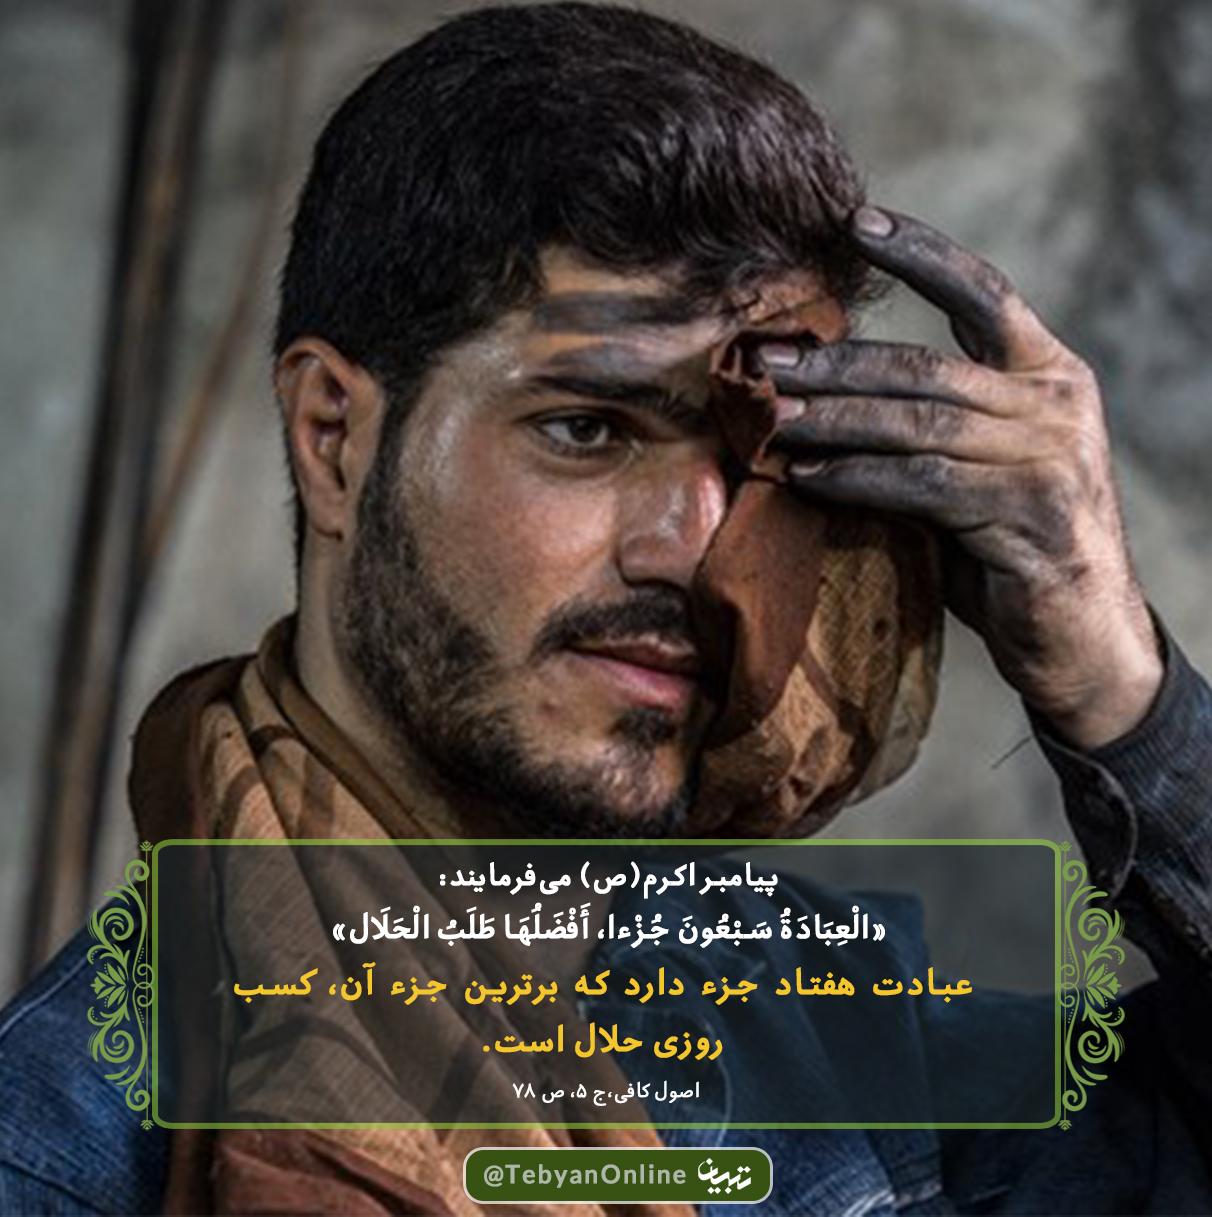 Photo of کسب و کار و روزی حلال در روایات